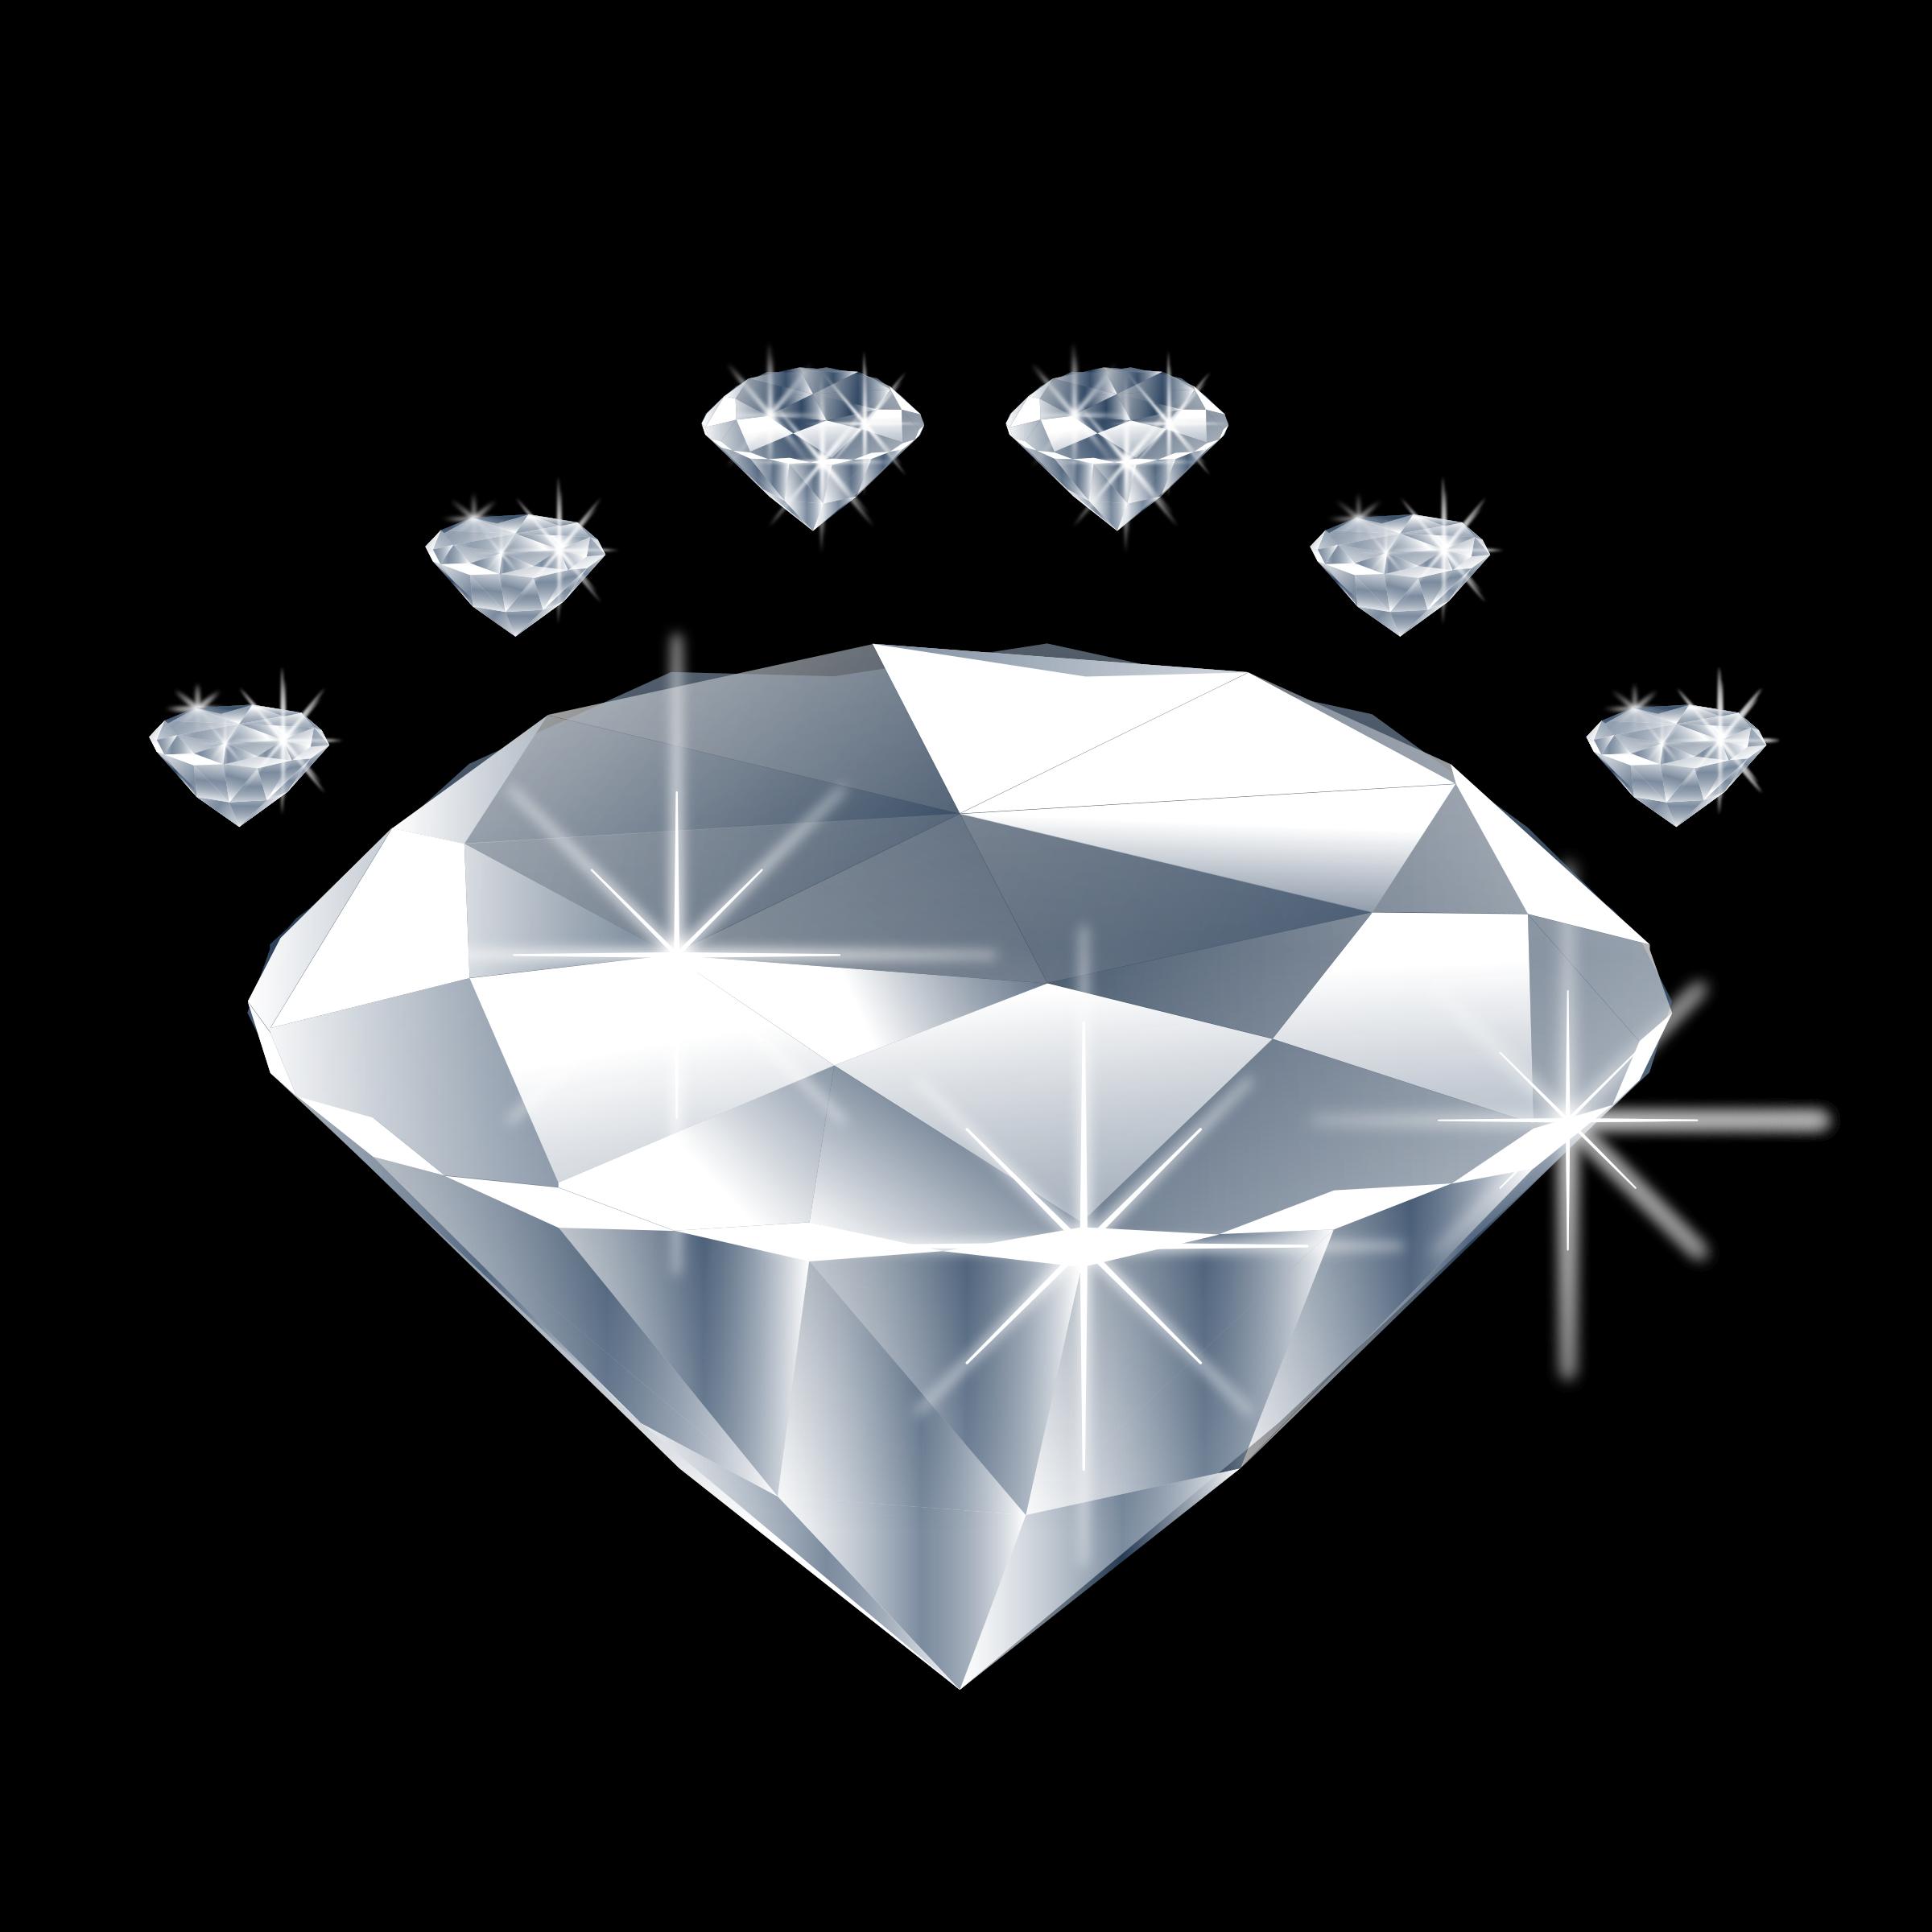 Diamonds daimond